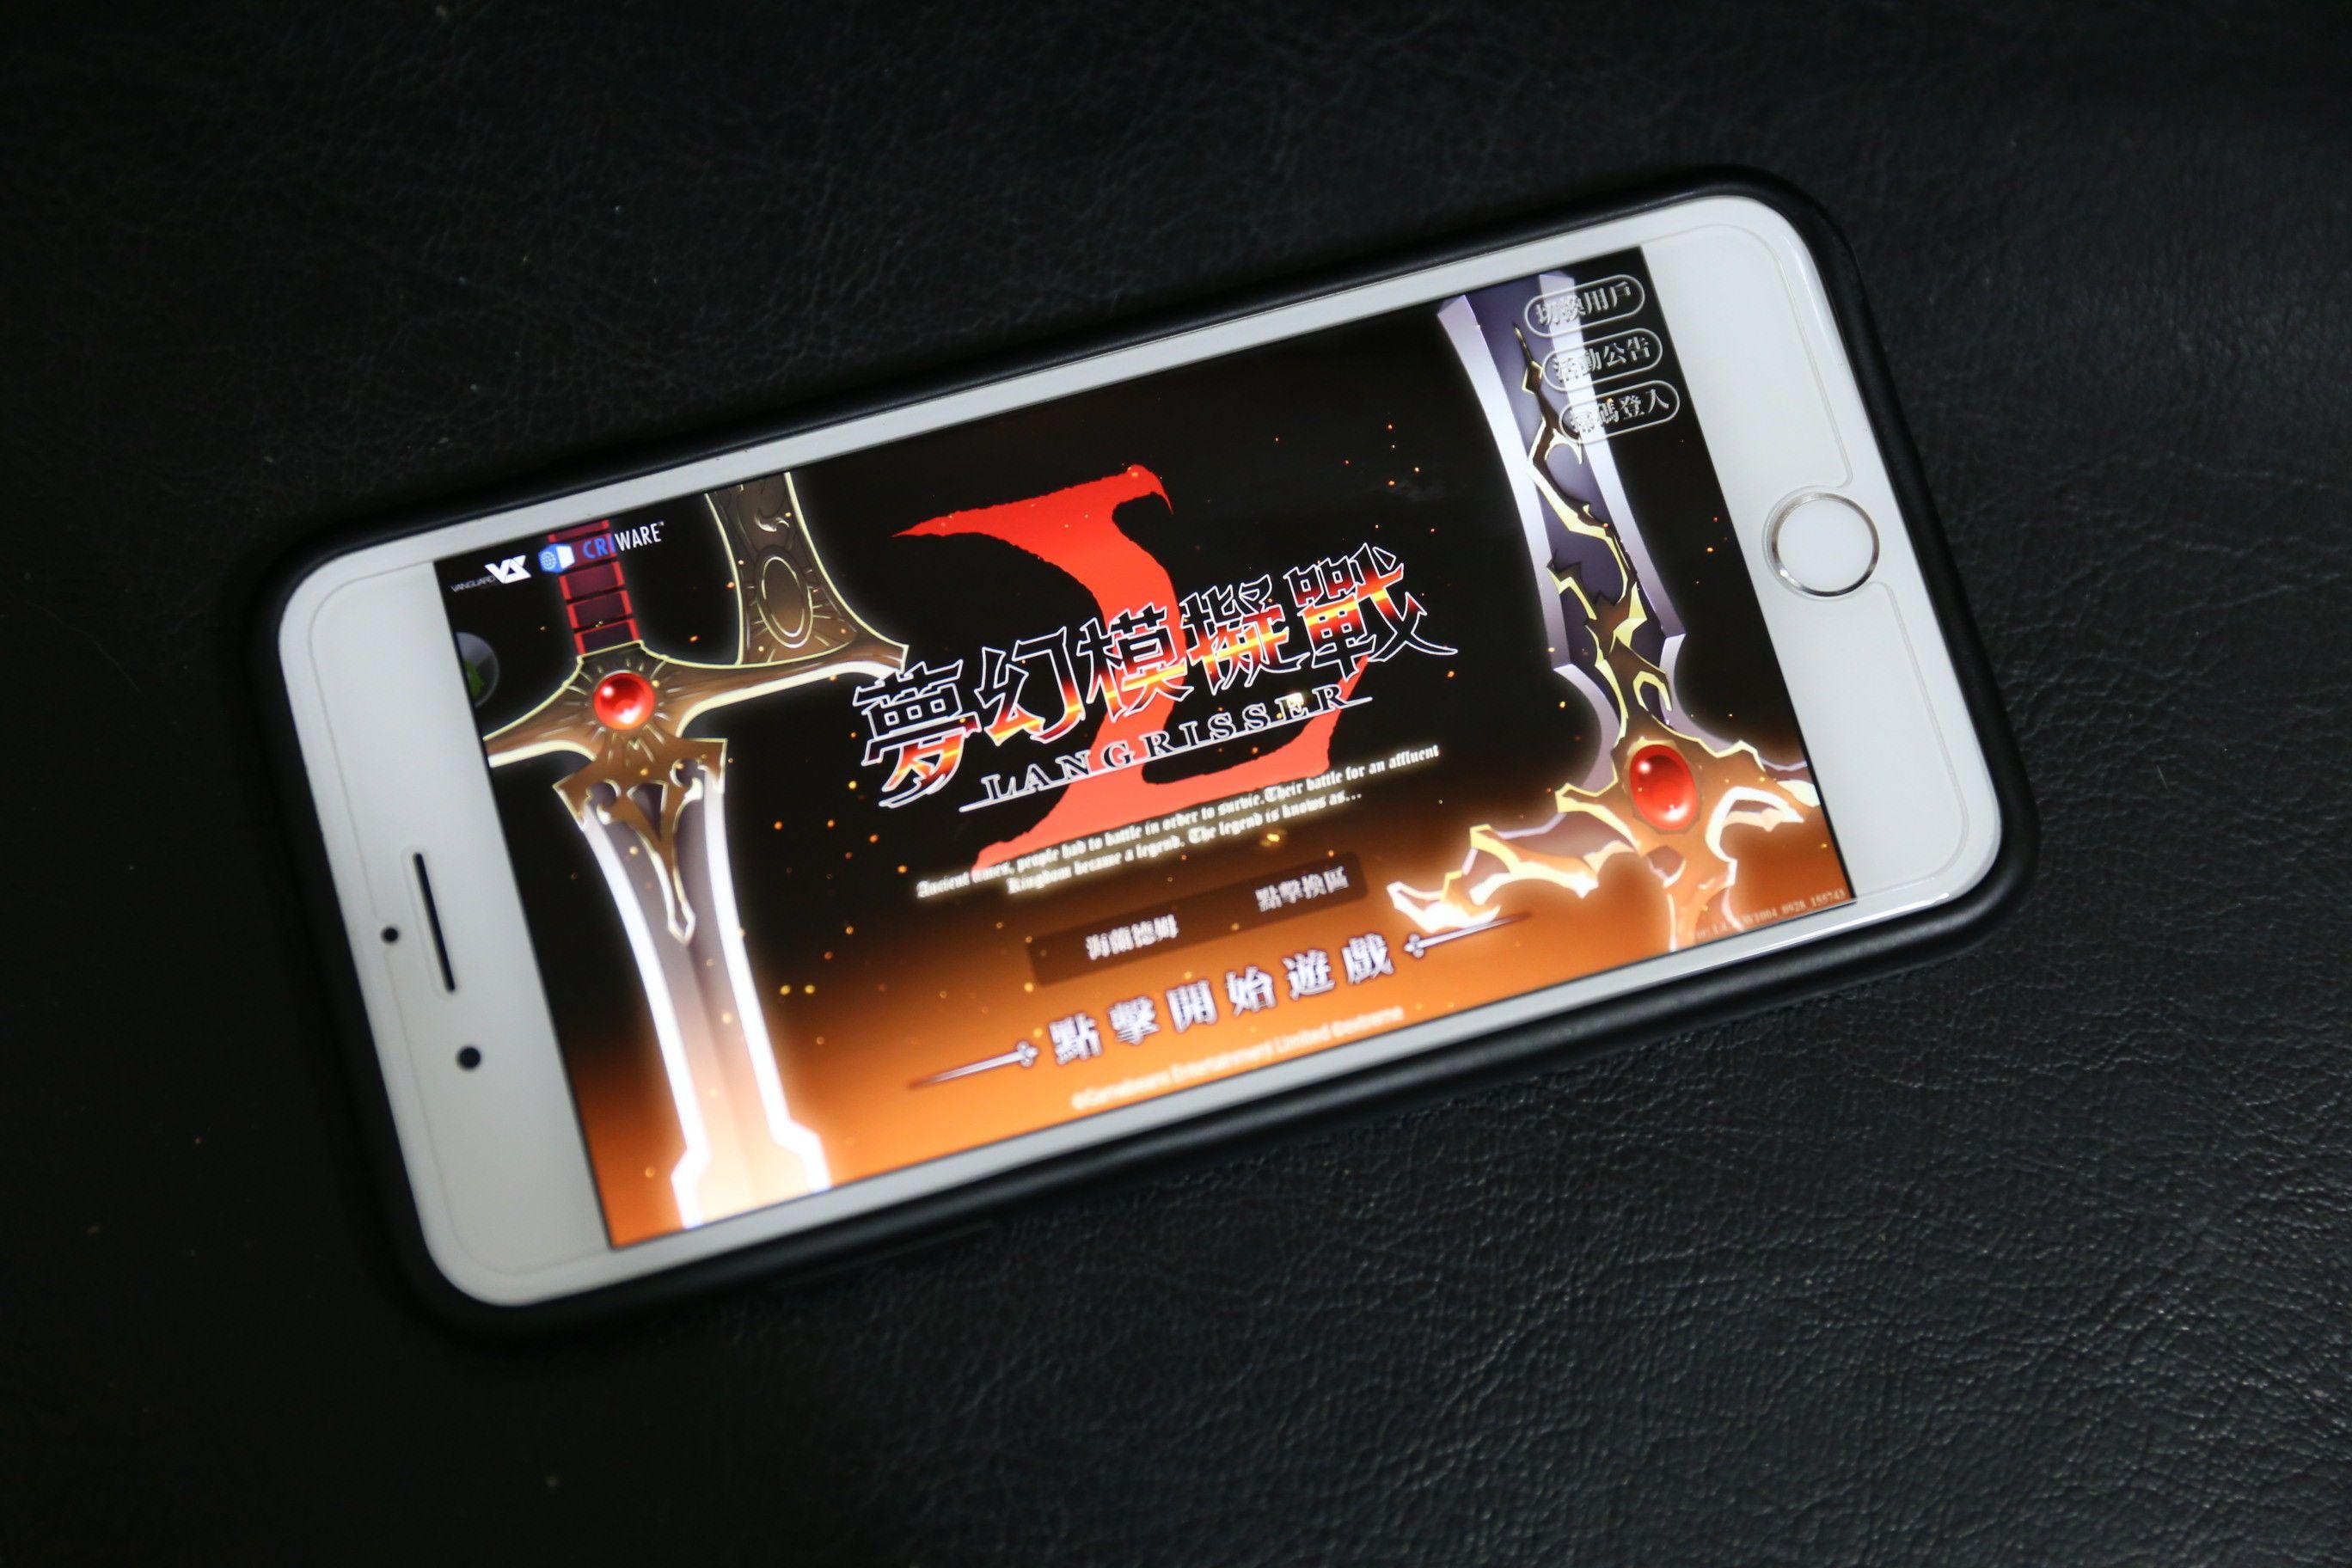 2018年Google台湾地区搜索快速上升十大游戏 6款国产游戏上榜